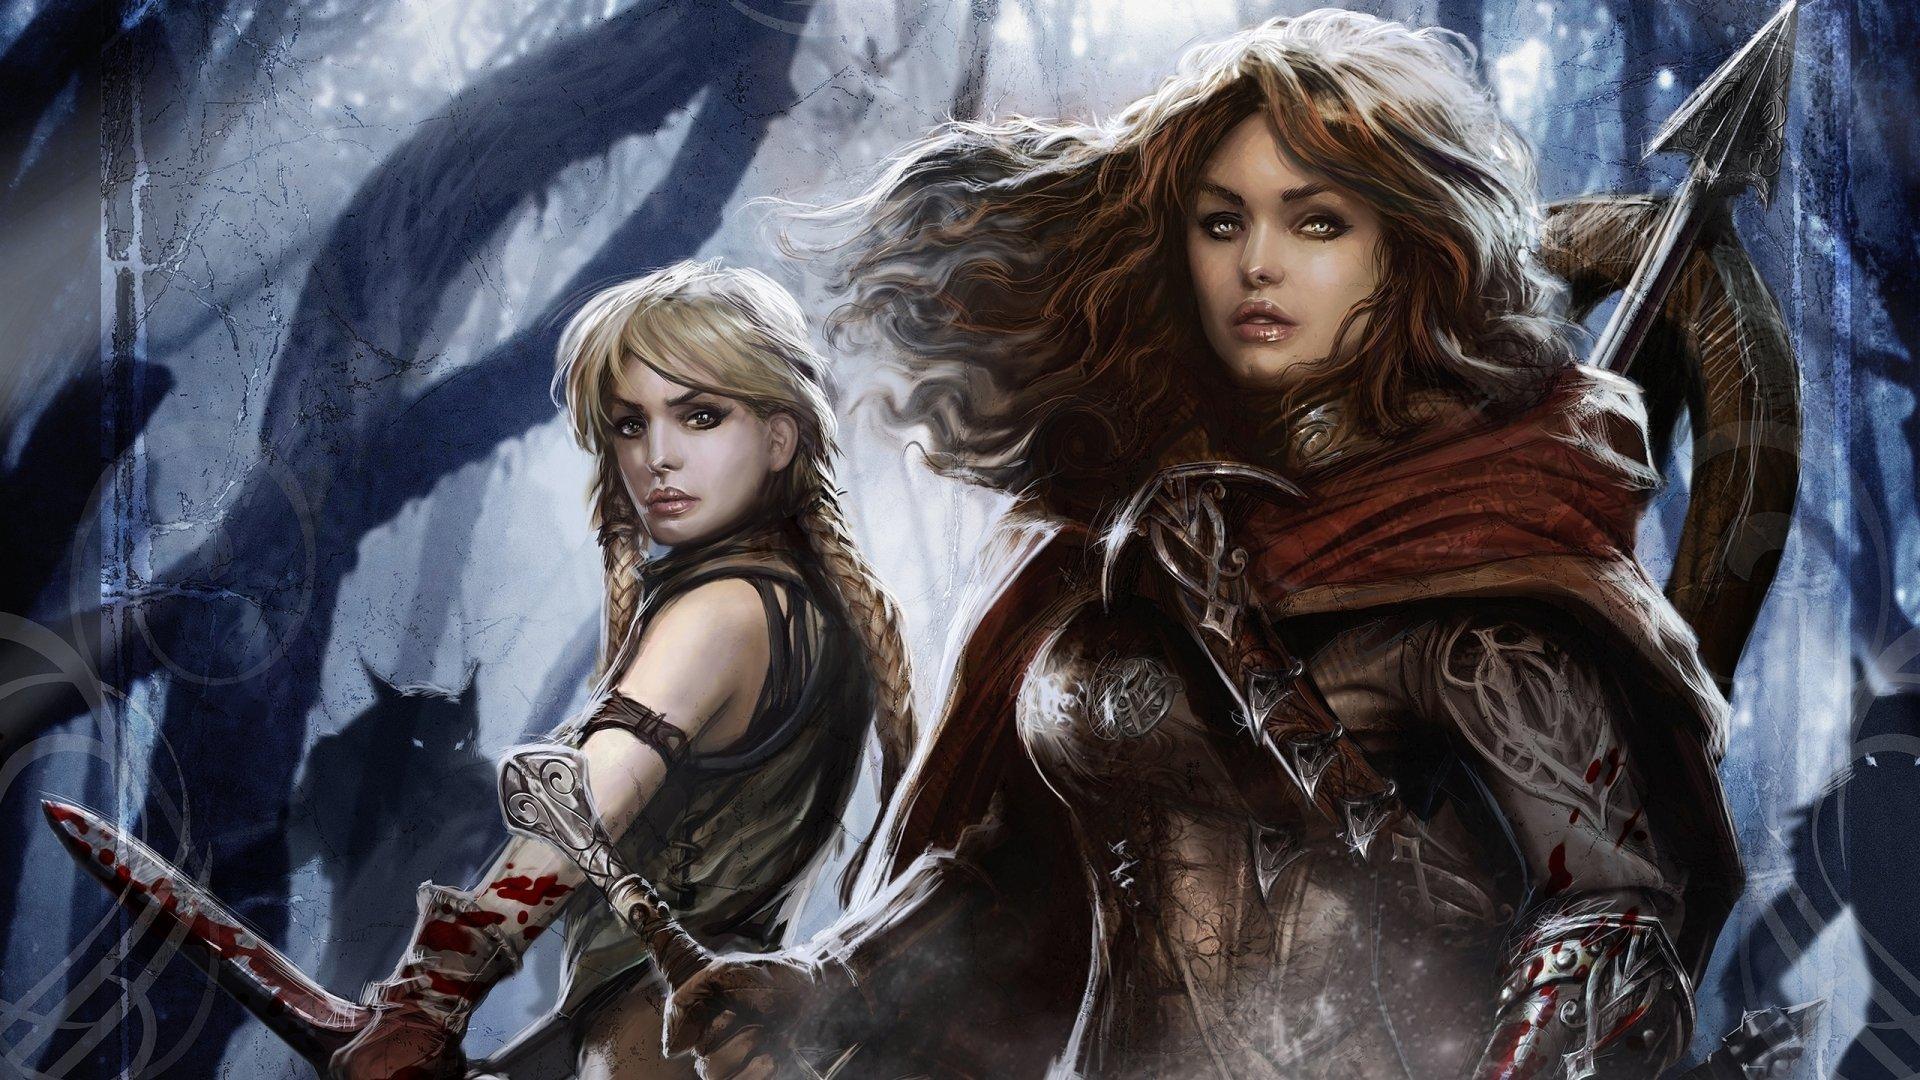 Women Warrior Art - ID: 126174 - Art Abyss